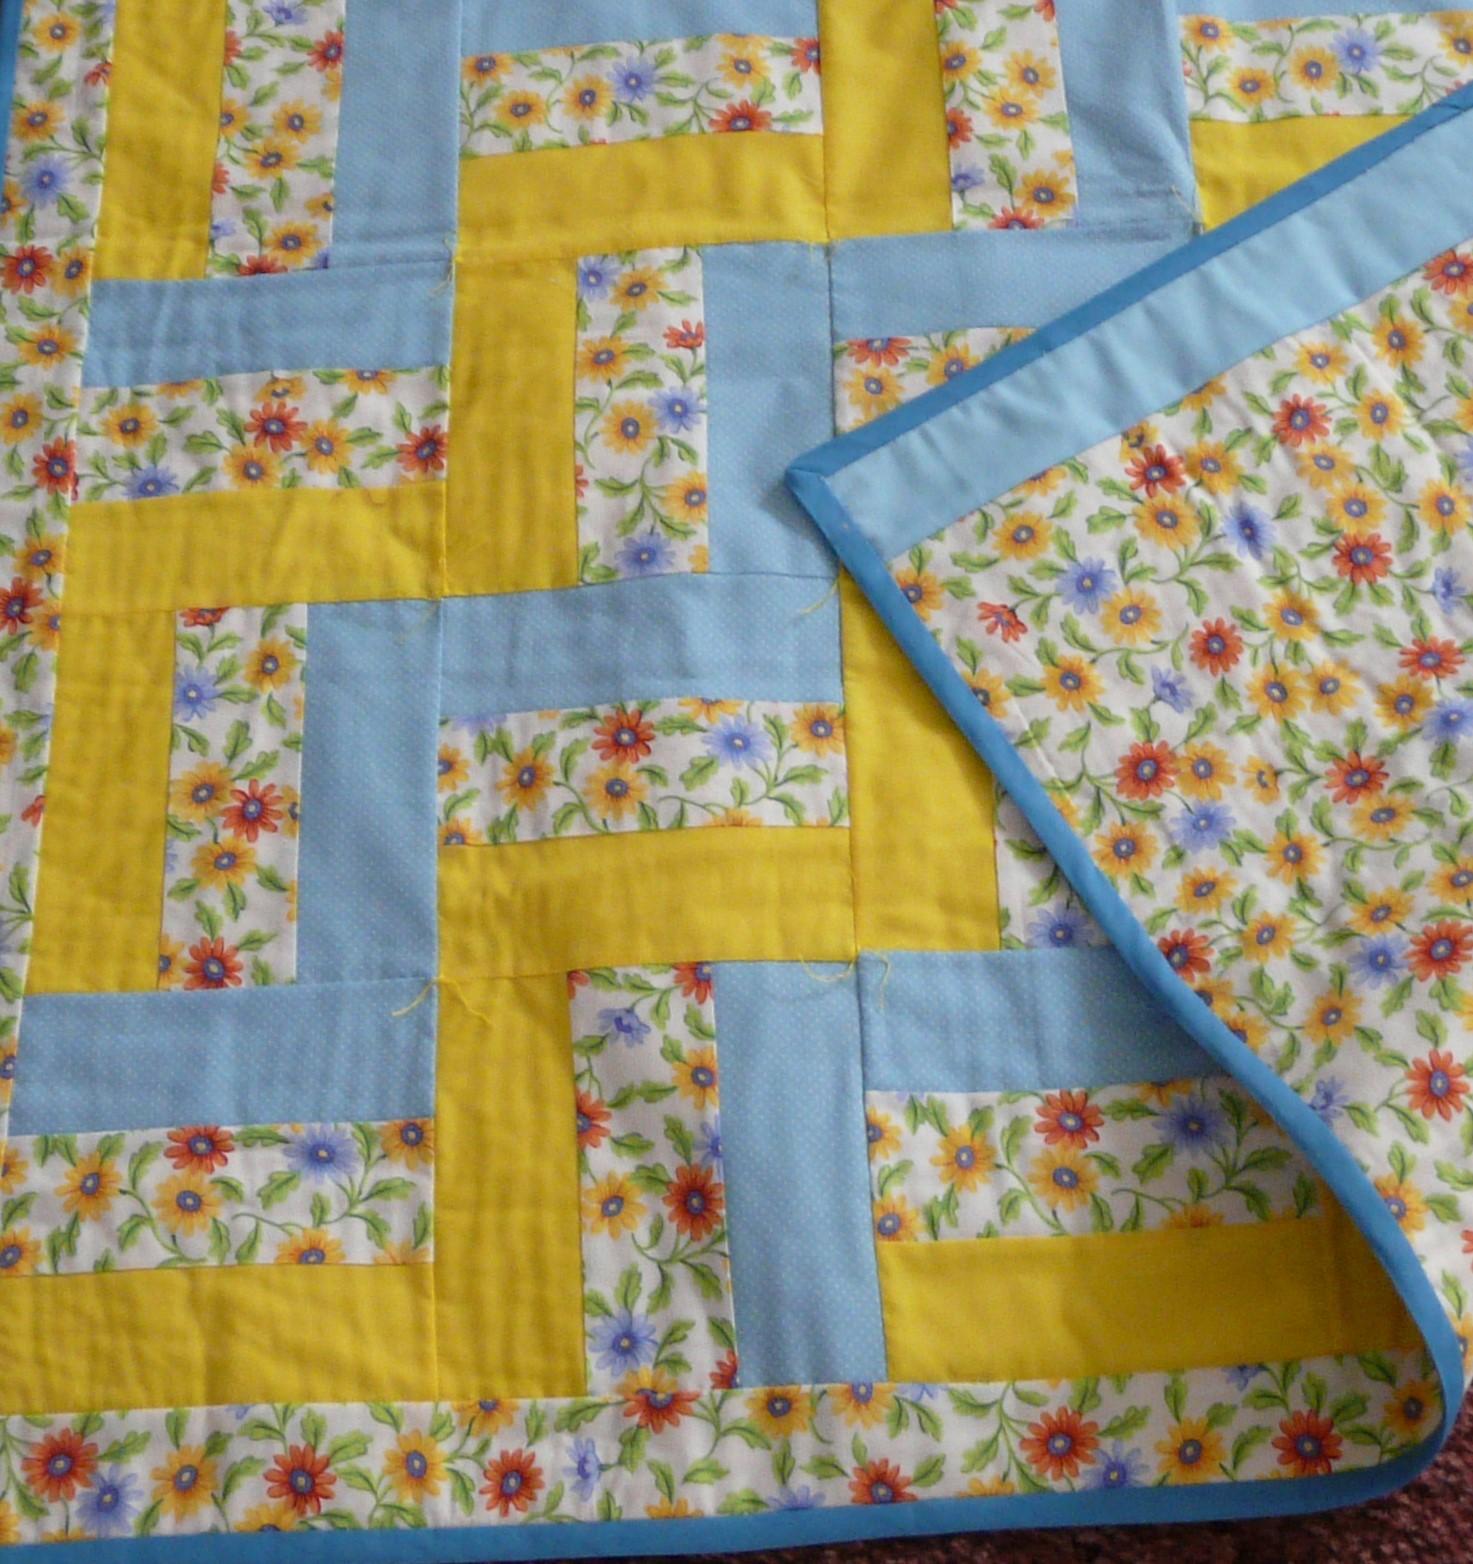 Quilts and front door hangings for Front door quilt pattern